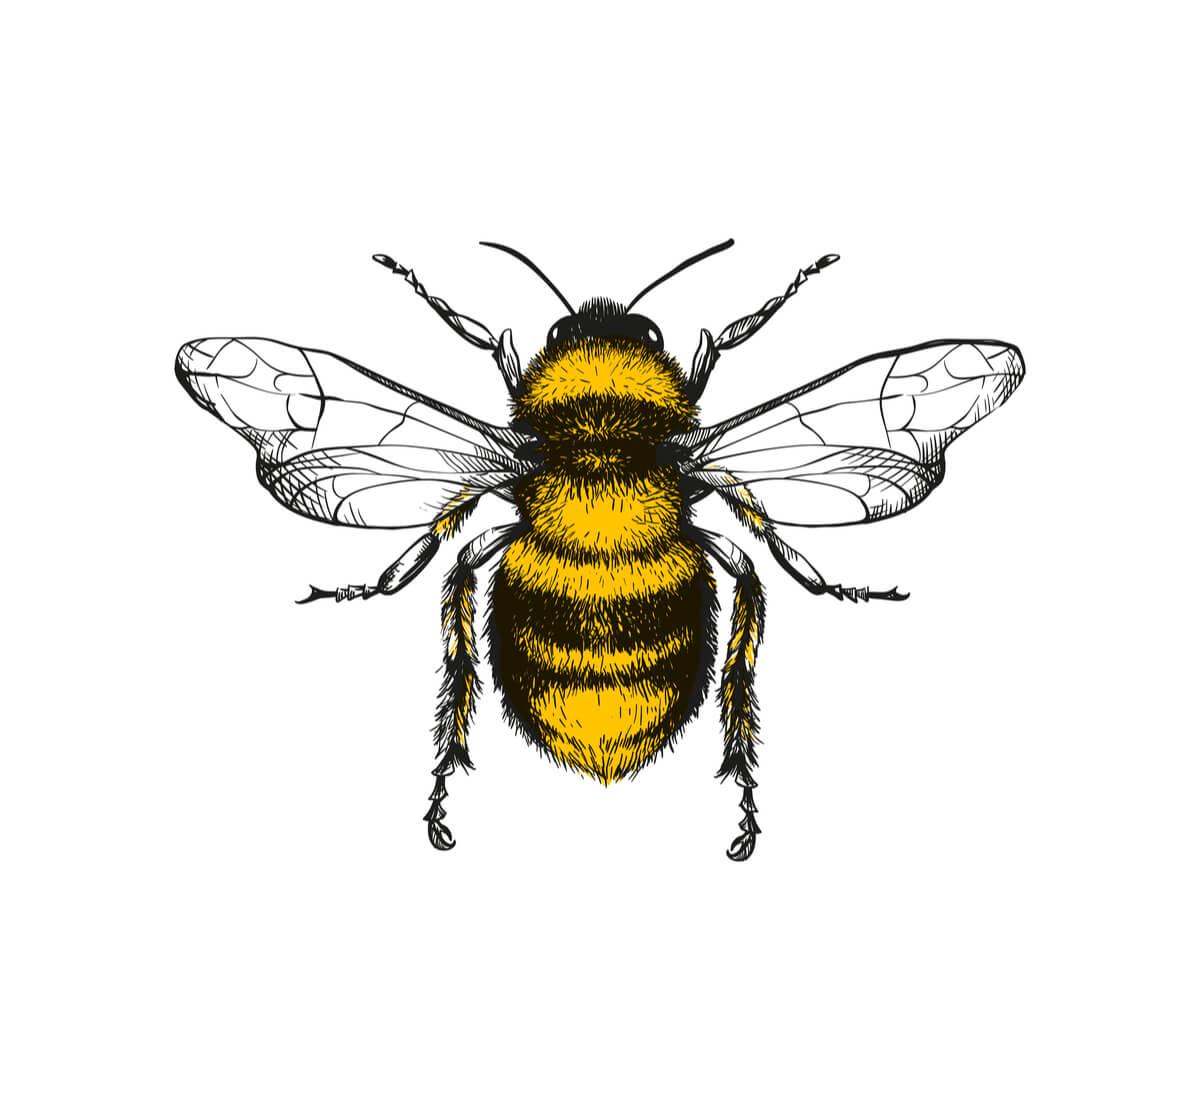 Un dibujo de una abeja.